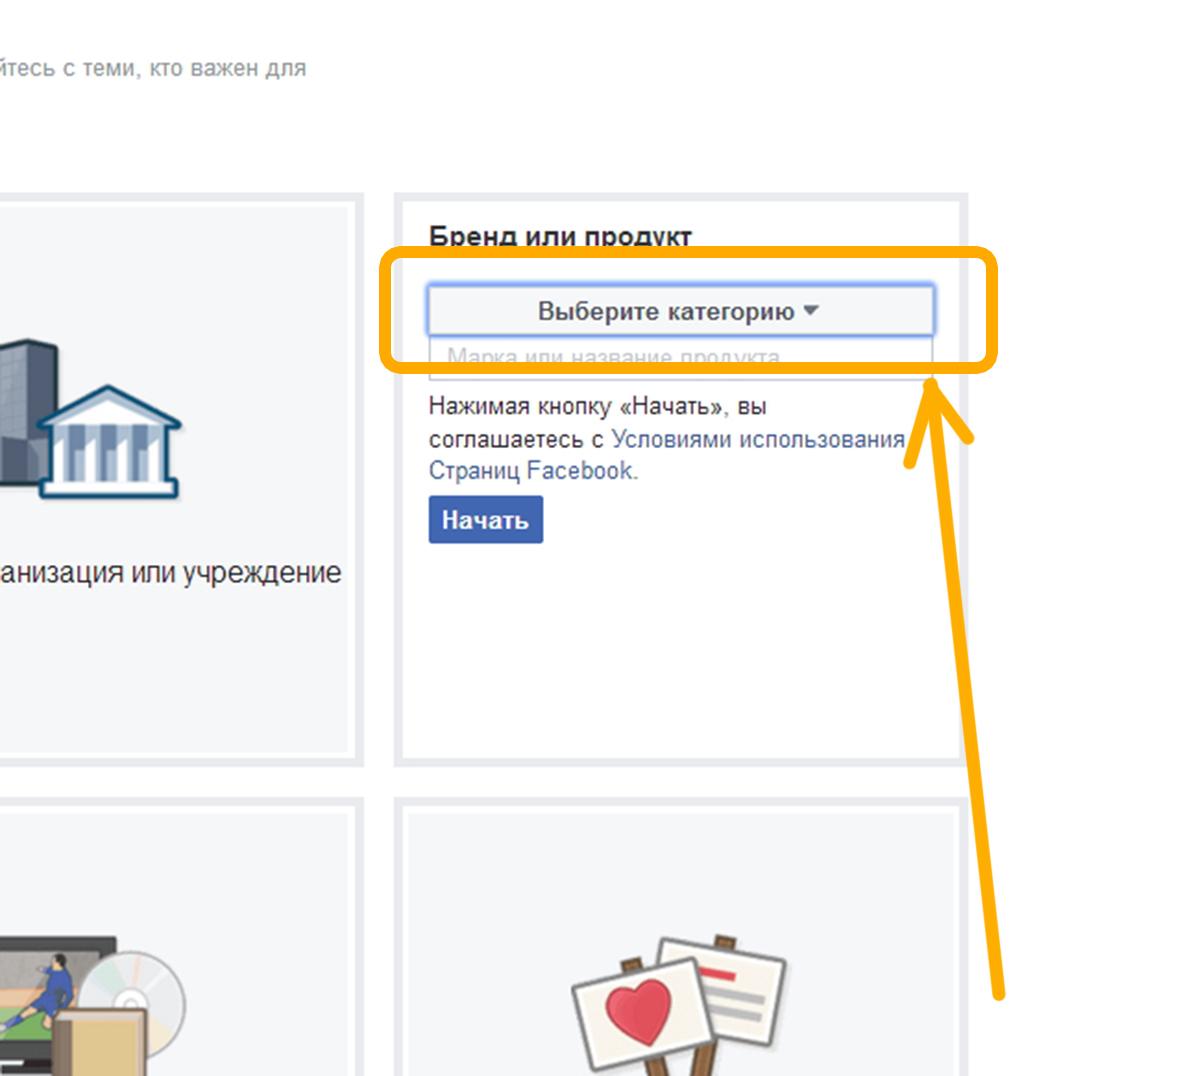 Кнопка выбора меню категории продукта или услуги в процессе создания страницы Фейсбук